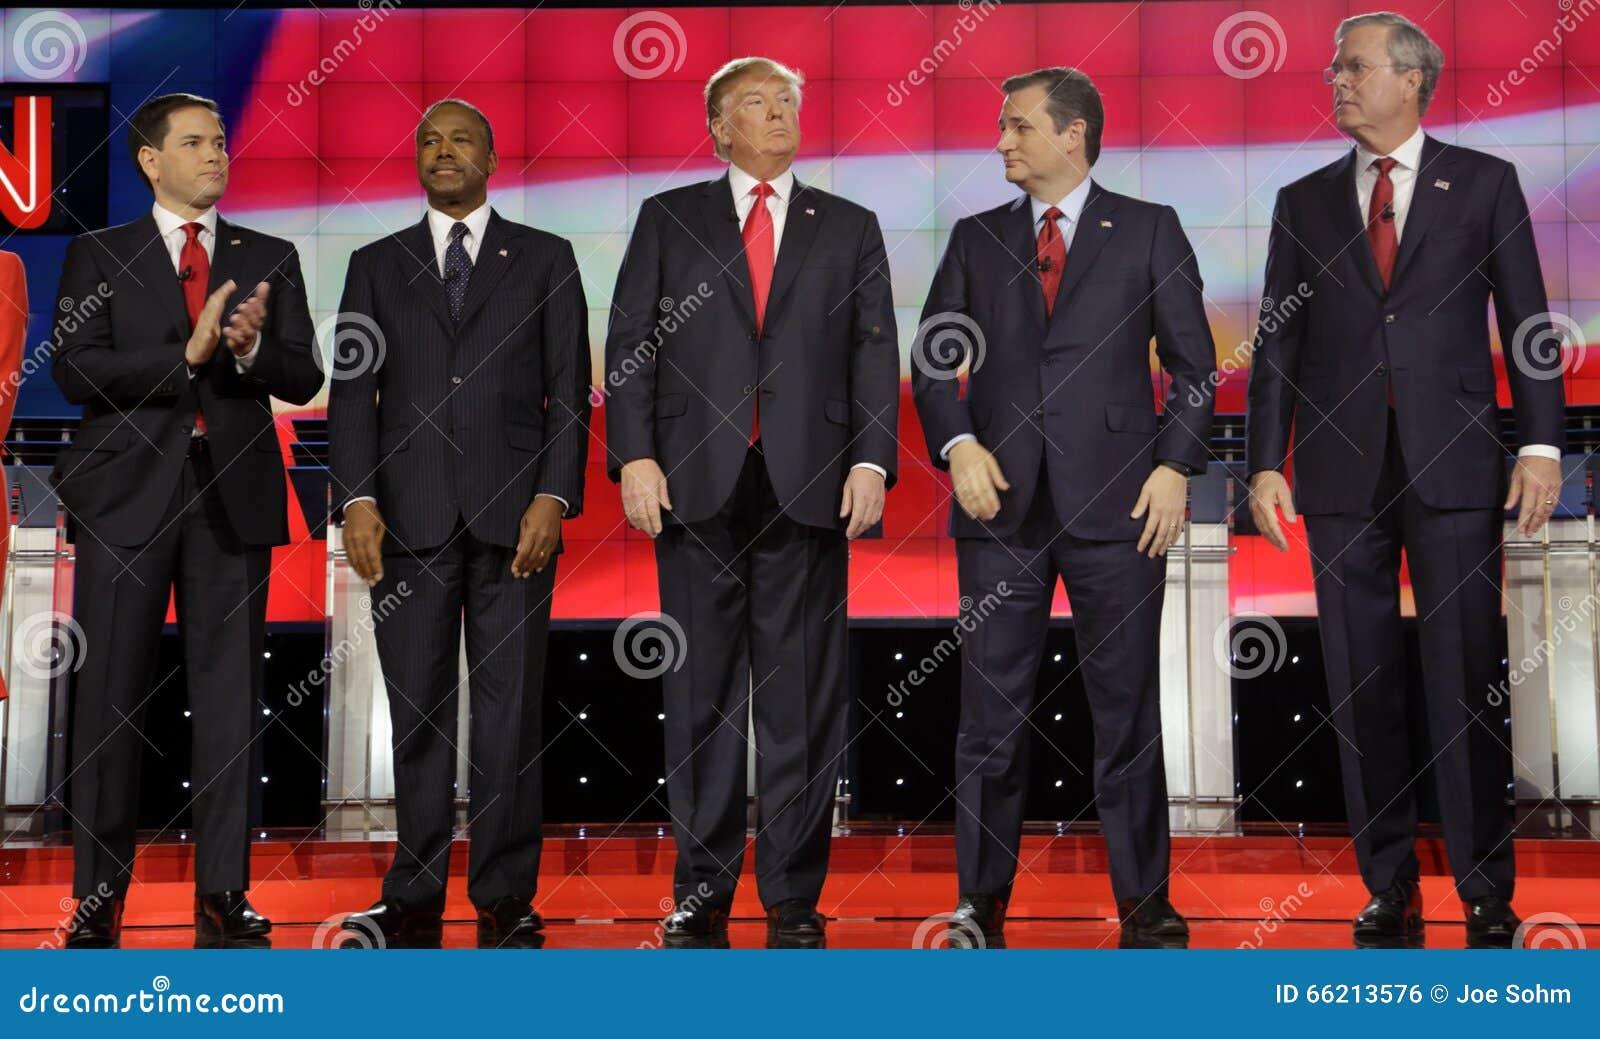 ΛΑΣ ΒΈΓΚΑΣ, NV - 15 ΔΕΚΕΜΒΡΊΟΥ: Δημοκρατικοί προεδρικοί υποψήφιοι (LR) Marco Rubio, Ben Carson, Ντόναλντ Τραμπ, Sen TED Cruz, Bu